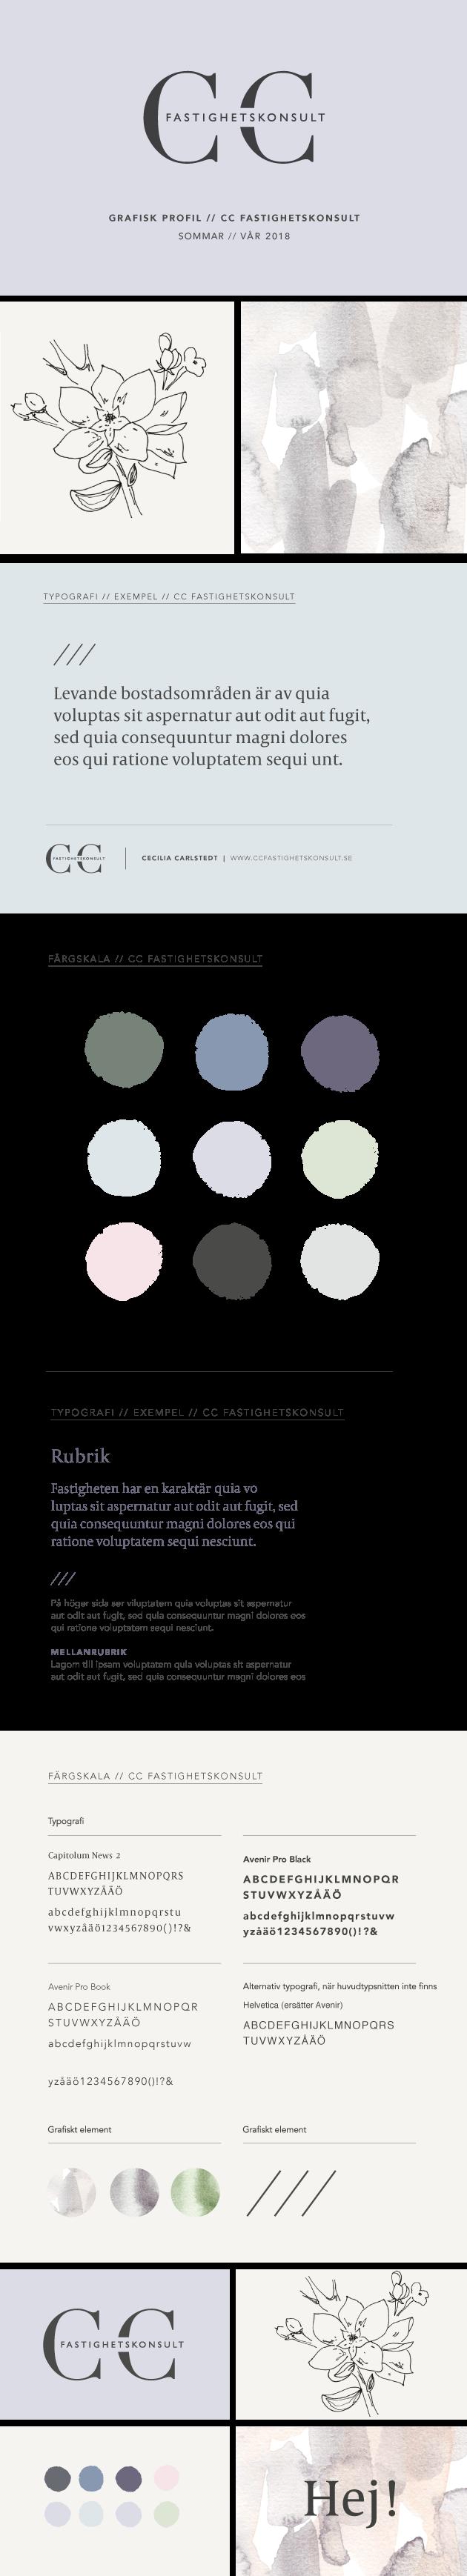 översikt över grafisk palett till företaget CC fastighetskonsult, typografi, färgskala och illustrationer